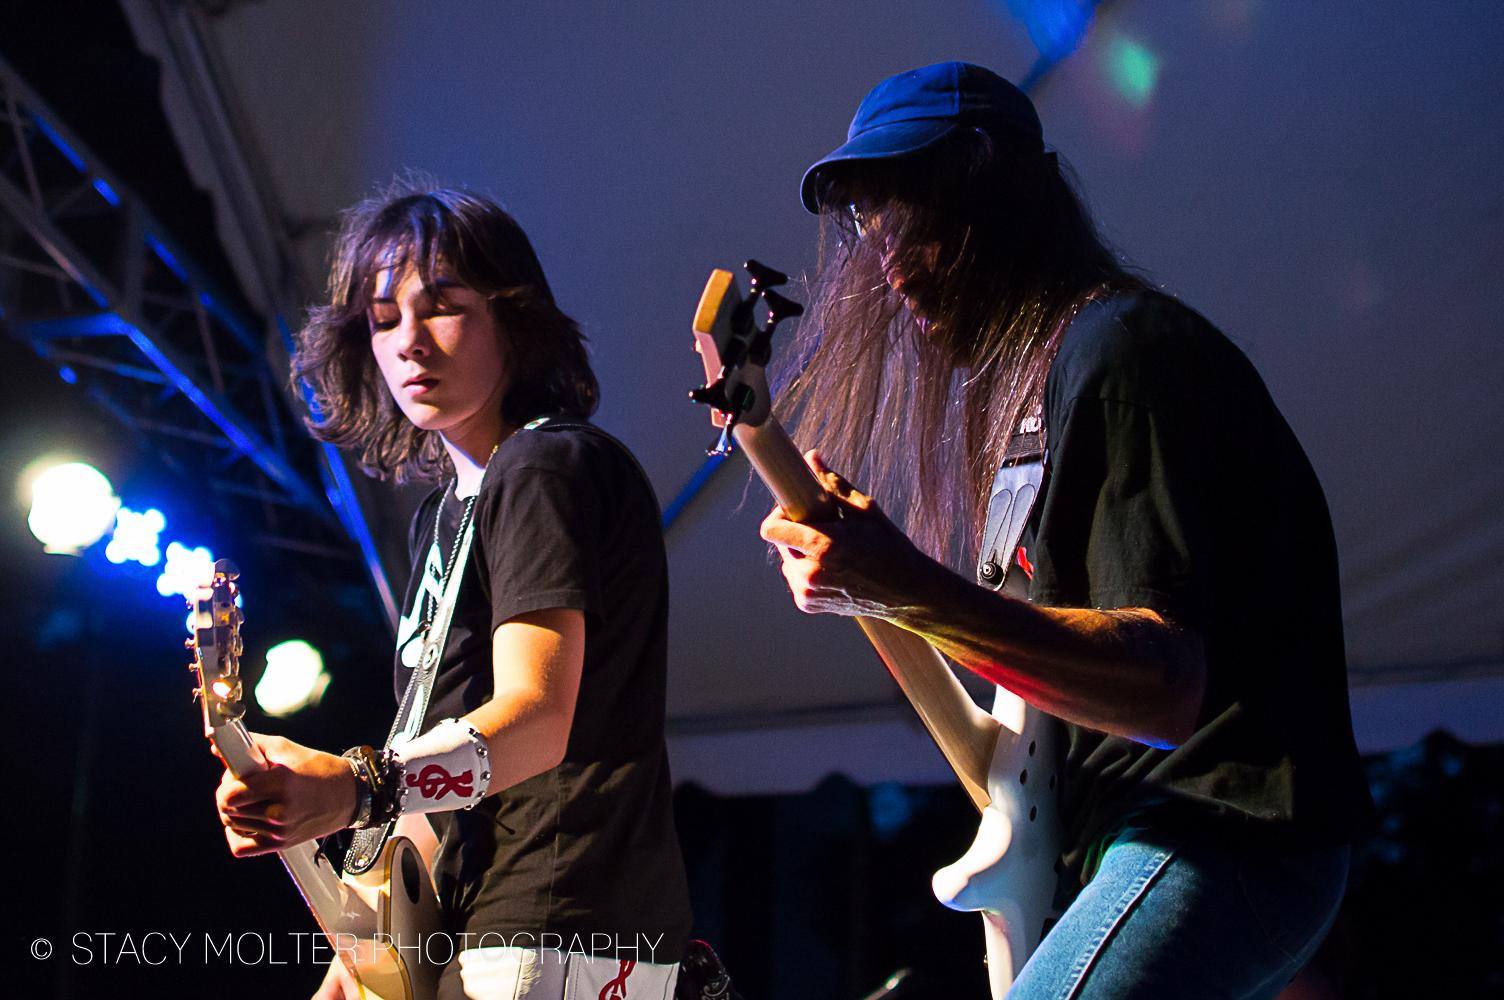 Lightning Boy & His Thundering Blues Band - Sacramento Music Festival 2014 - Lightning Boy & His Thundering Blues Band